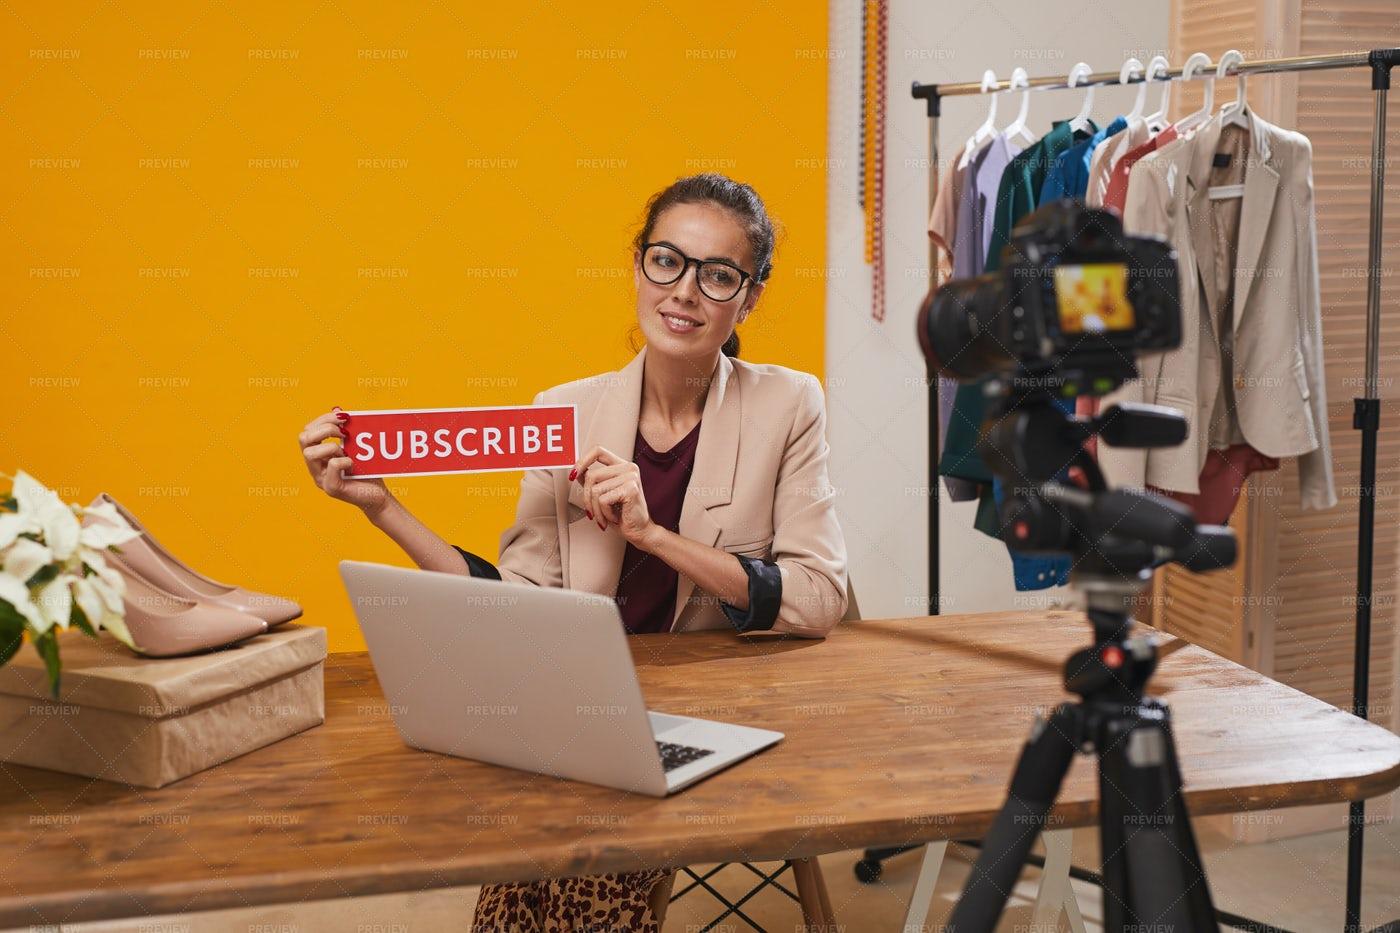 Fashio Blogger Holding Subscribe...: Stock Photos